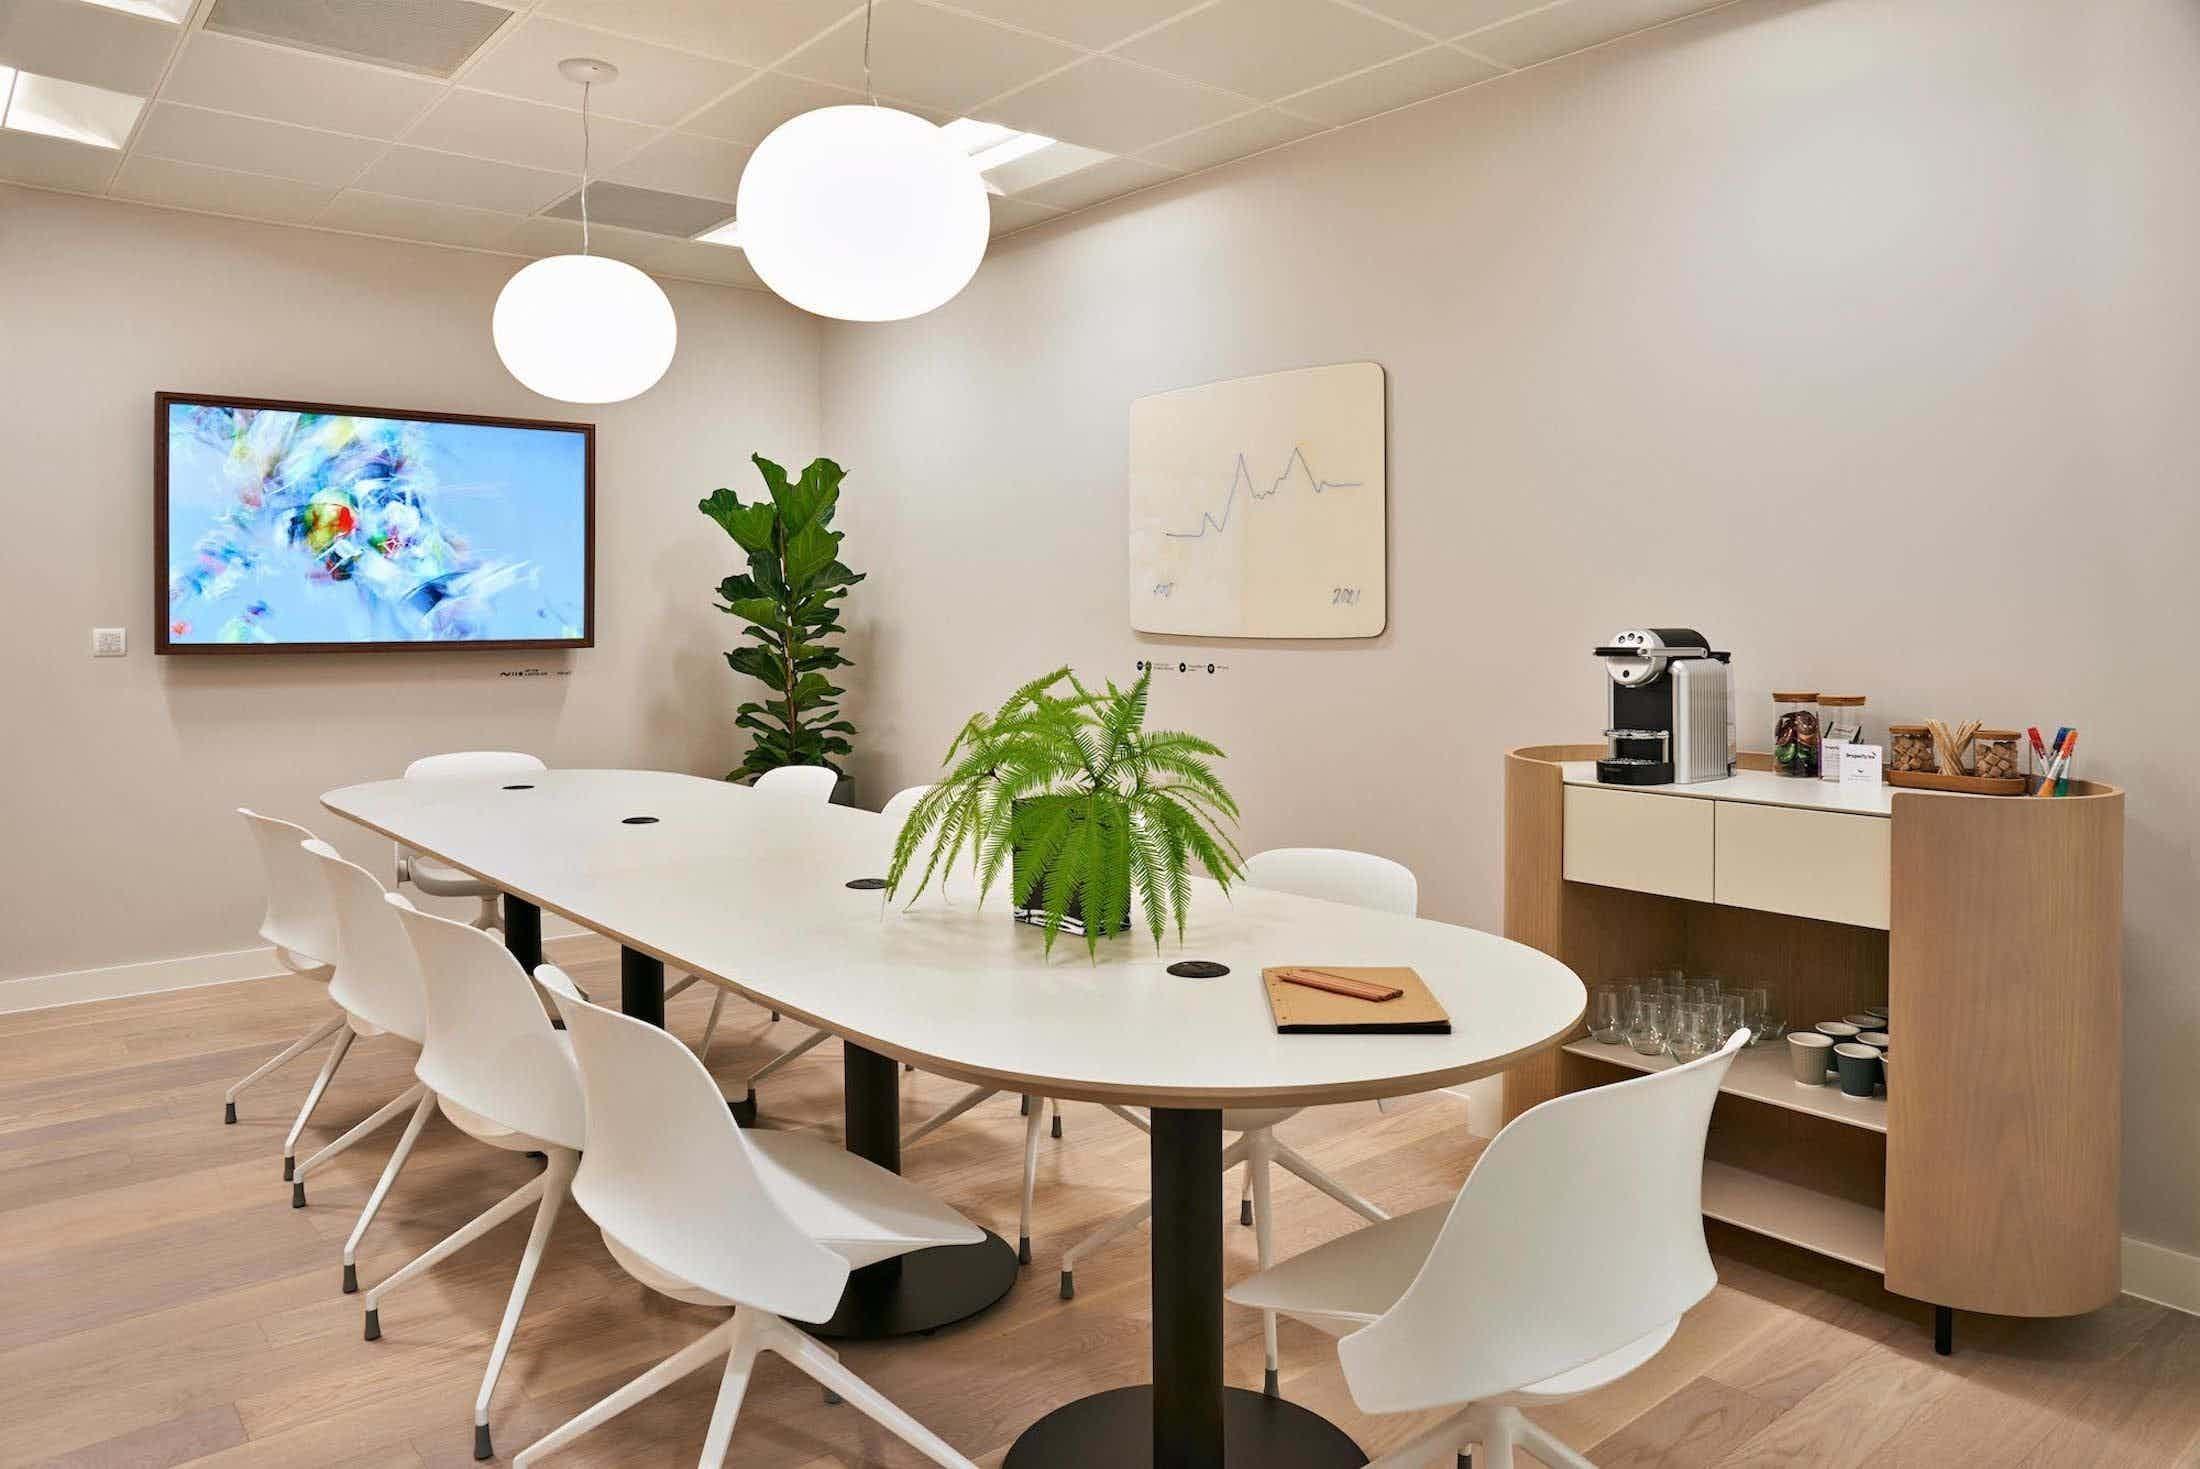 Meeting Room #3, Meet in Place